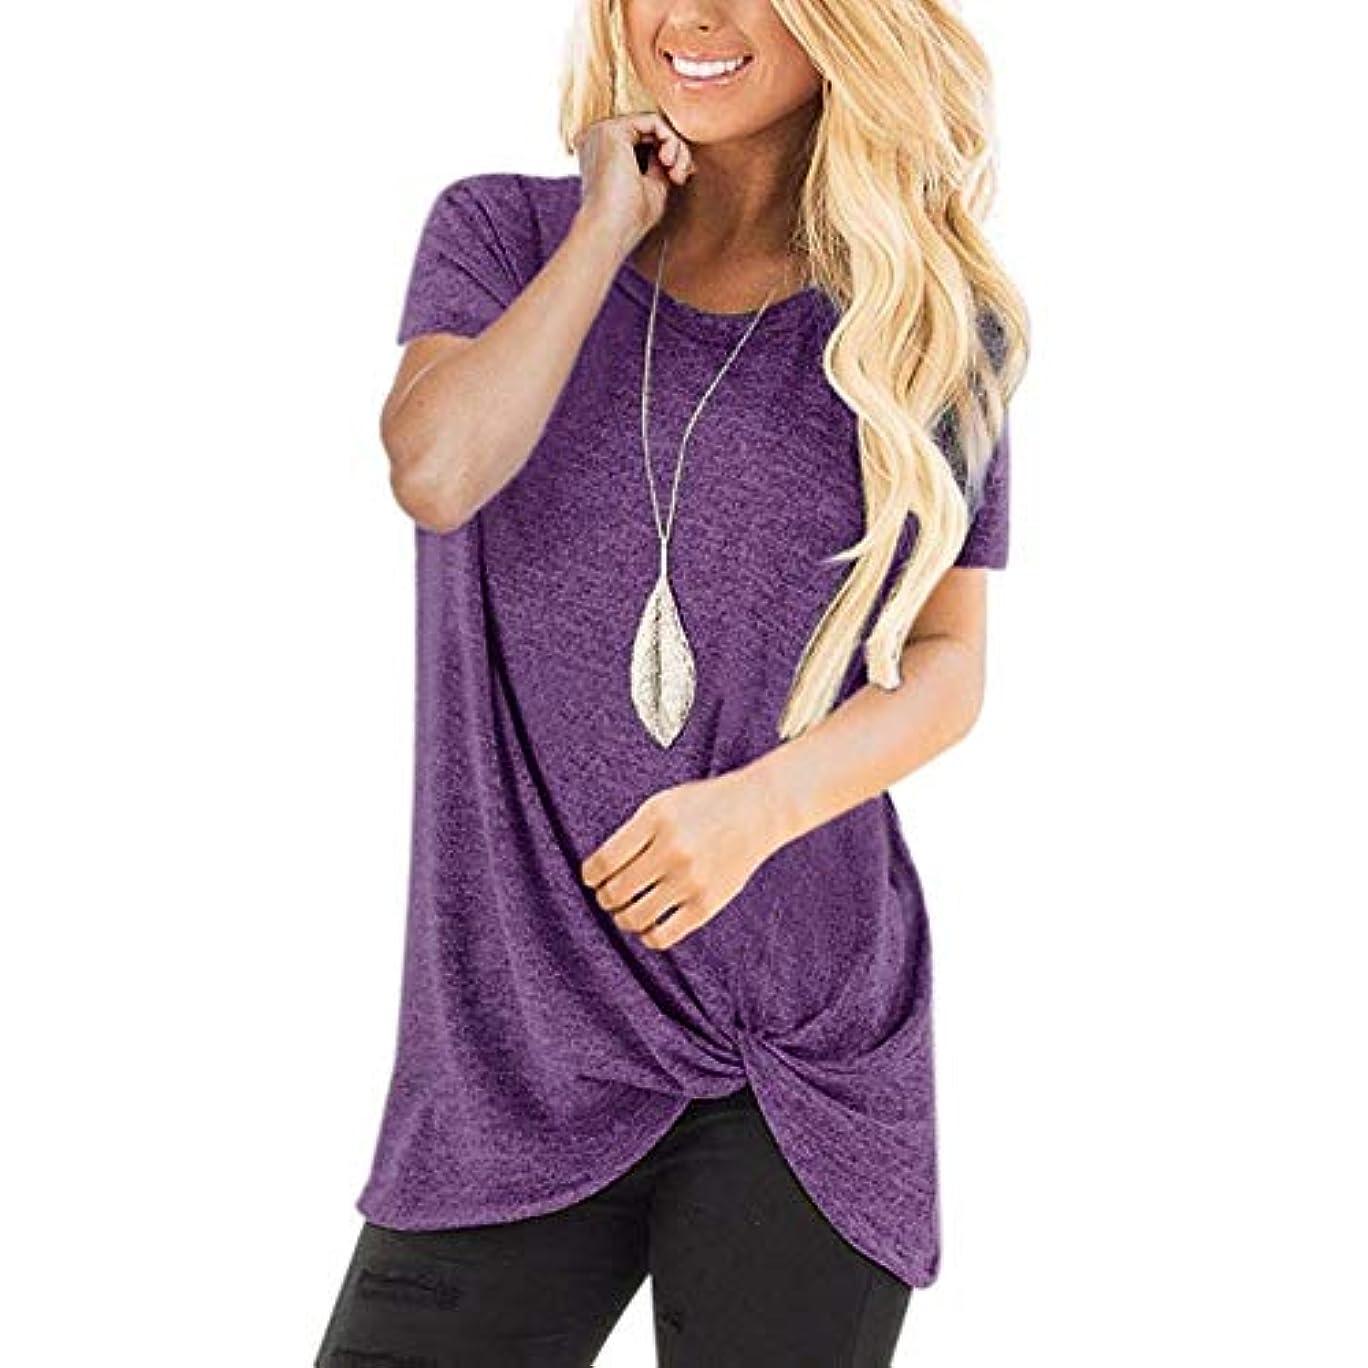 避難平和な着替えるMIFAN コットンTシャツ、カジュアルTシャツ、レディースブラウス、トップス&Tシャツ、プラスサイズ、ルーズtシャツ